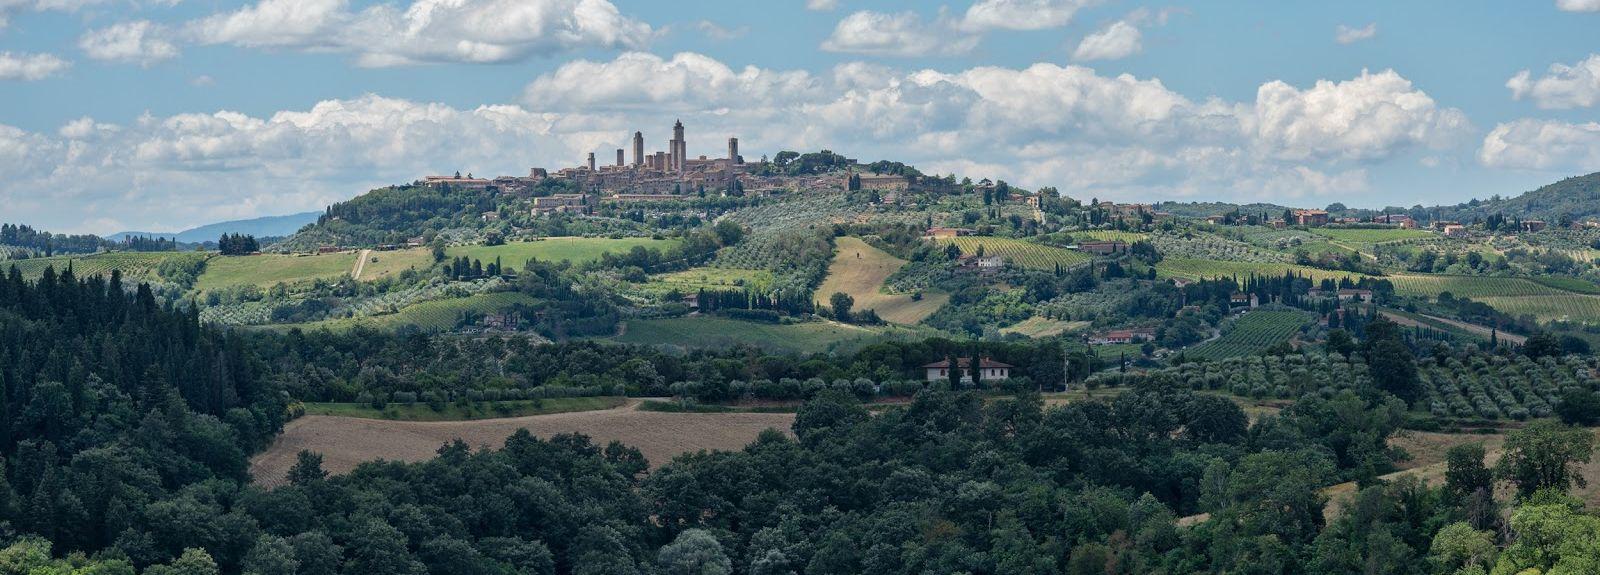 Certaldo, Tuscany, Italy